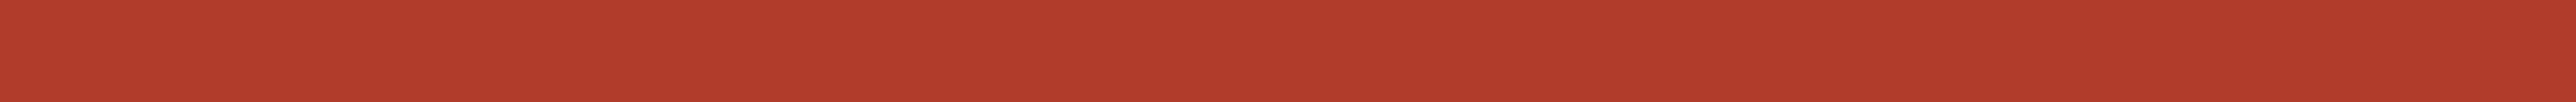 https://firstnationsmedia.org.au/sites/default/files/revslider/image/red.png